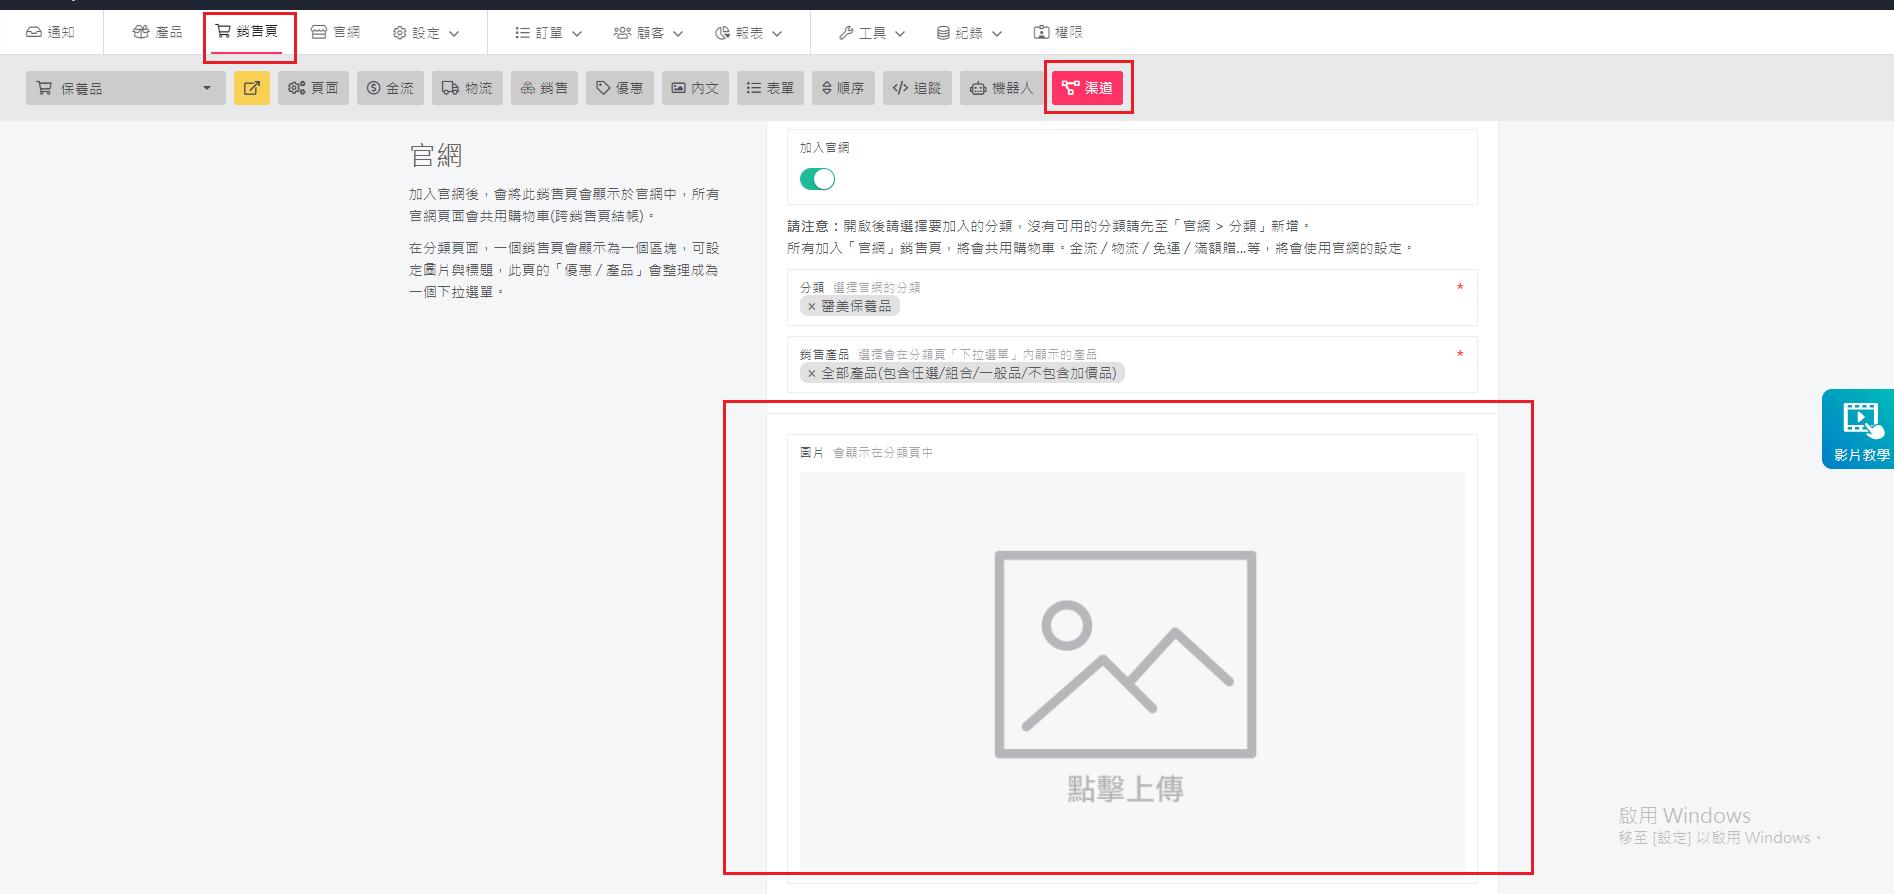 分類頁功能 圖片修改